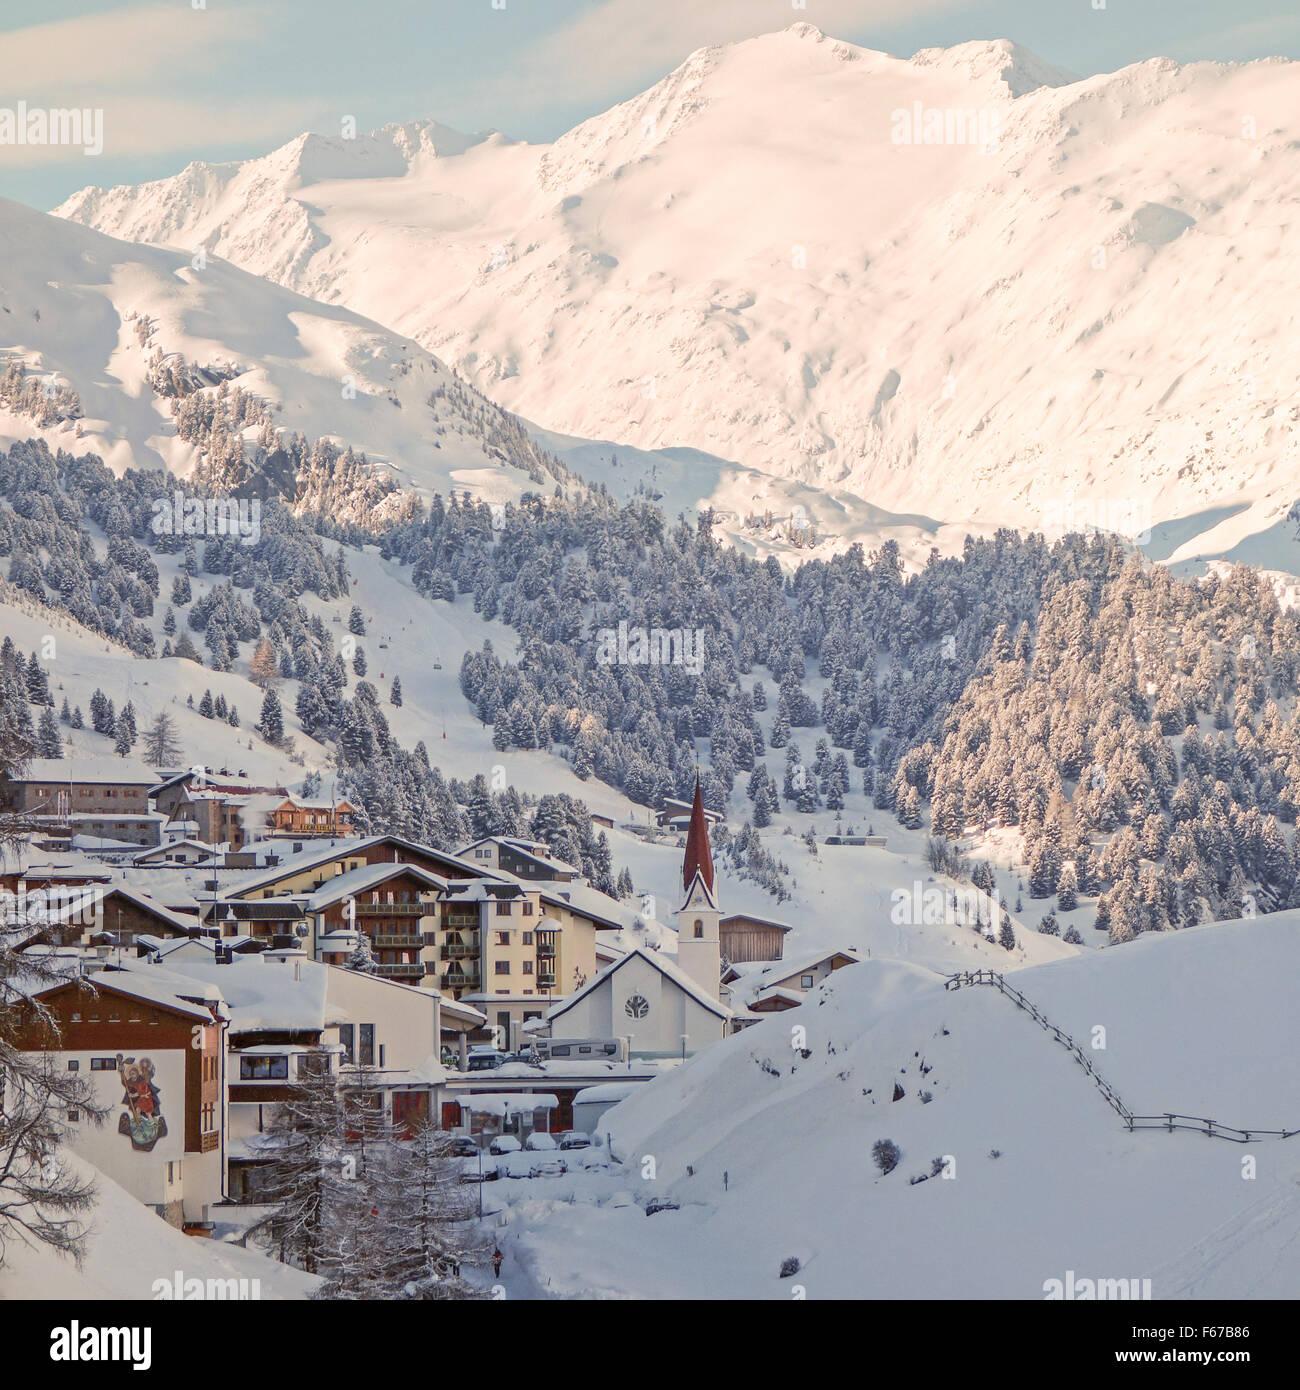 El pueblo y la estación de esquí de Obergurgl - a 1,930m es uno de los más poblados de esquí Imagen De Stock